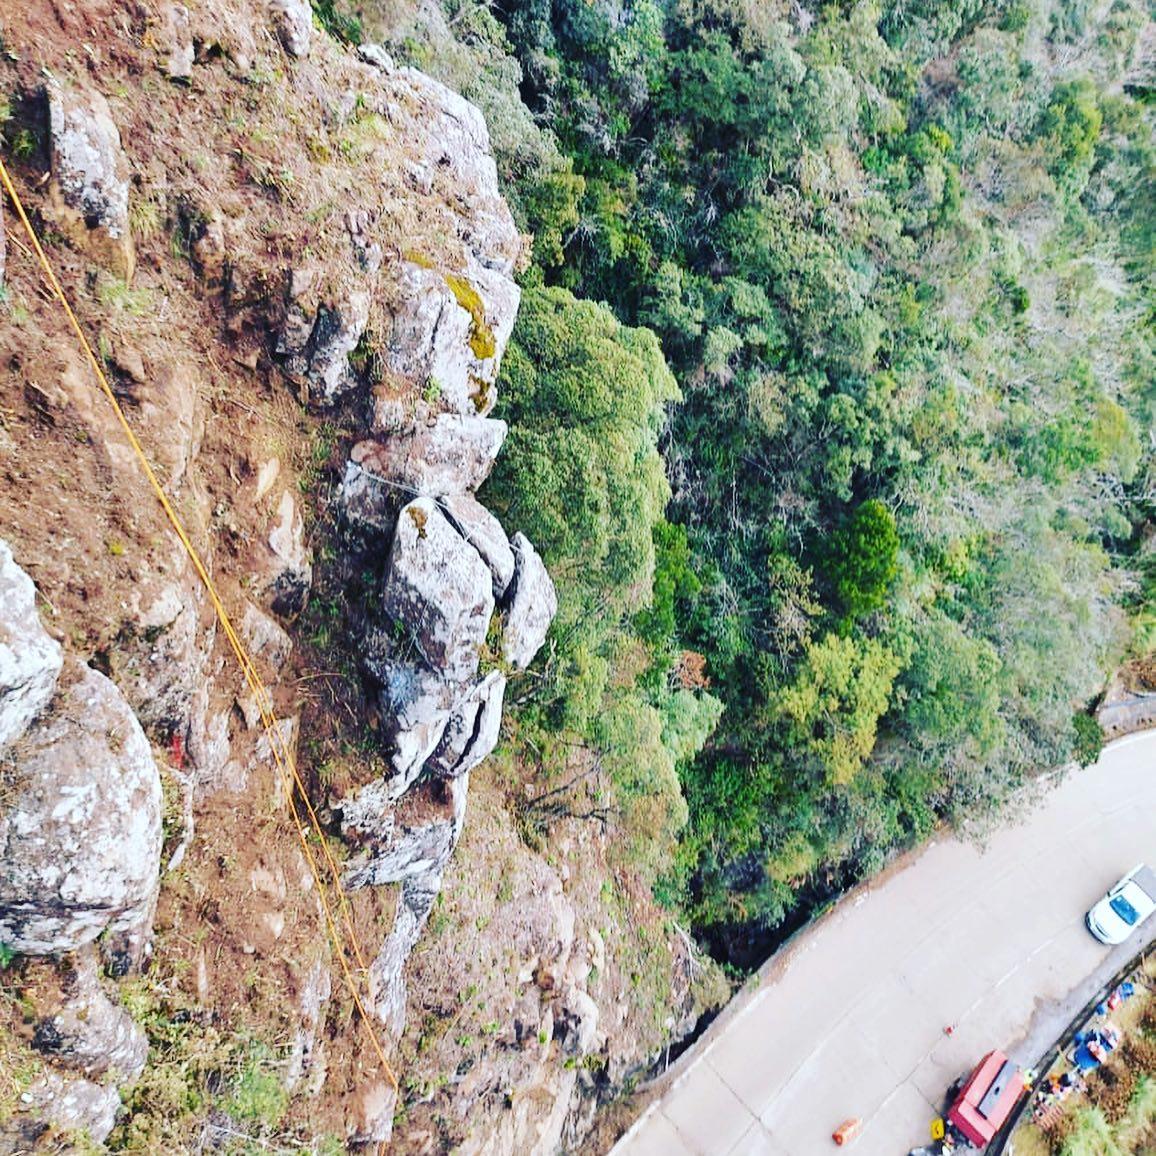 Obras de contenção estão sendo realizadas na Serra do Rio do Rastro | Foto: Arquivo/SIE/Divulgação